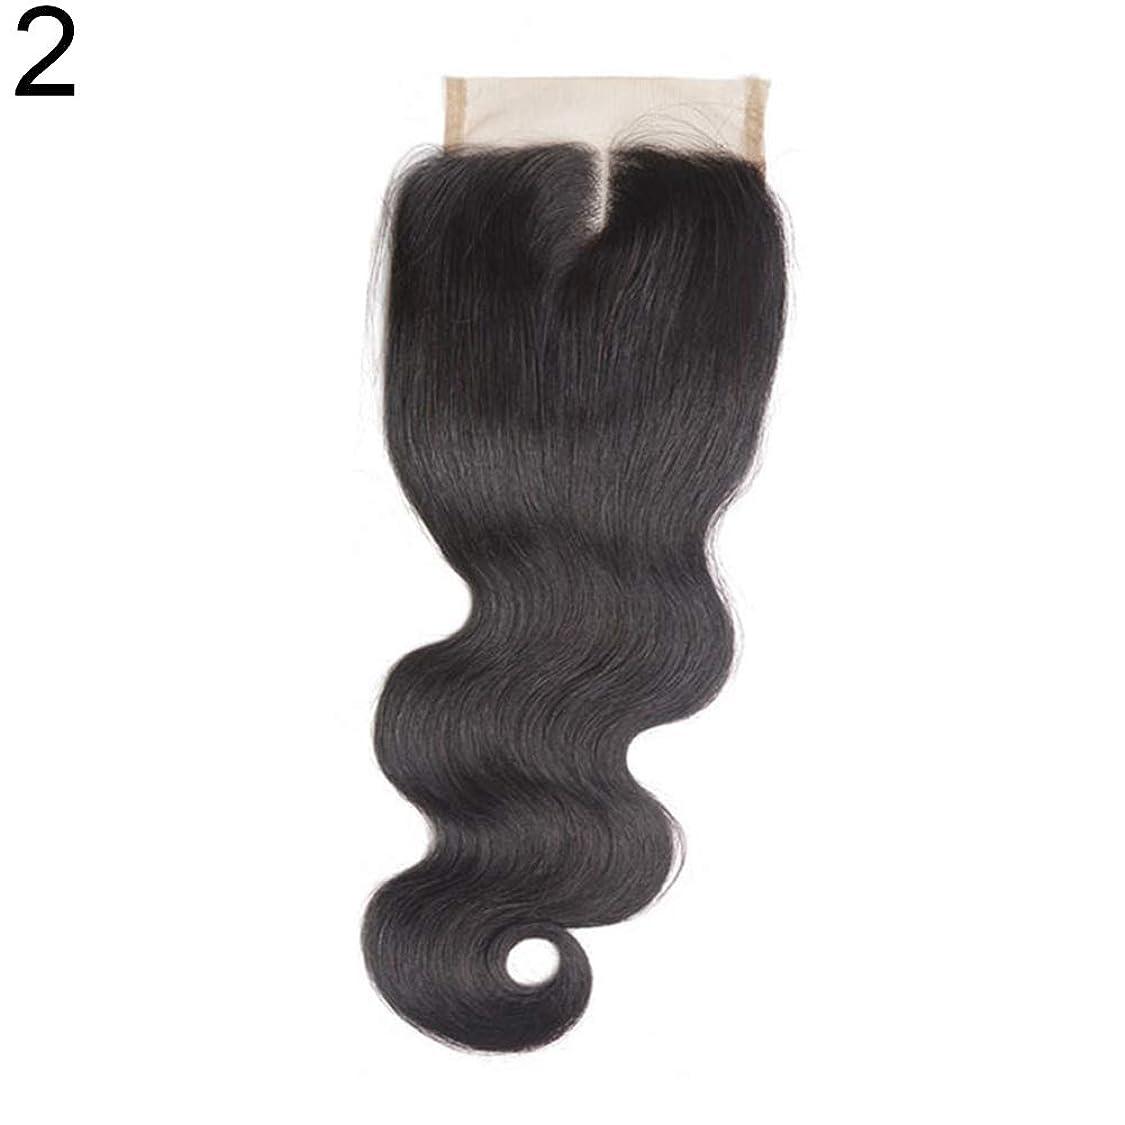 理論展望台徐々にslQinjiansav女性ウィッグ修理ツールブラジルのミドル/フリー/3部人間の髪のレース閉鎖ウィッグ黒ヘアピース